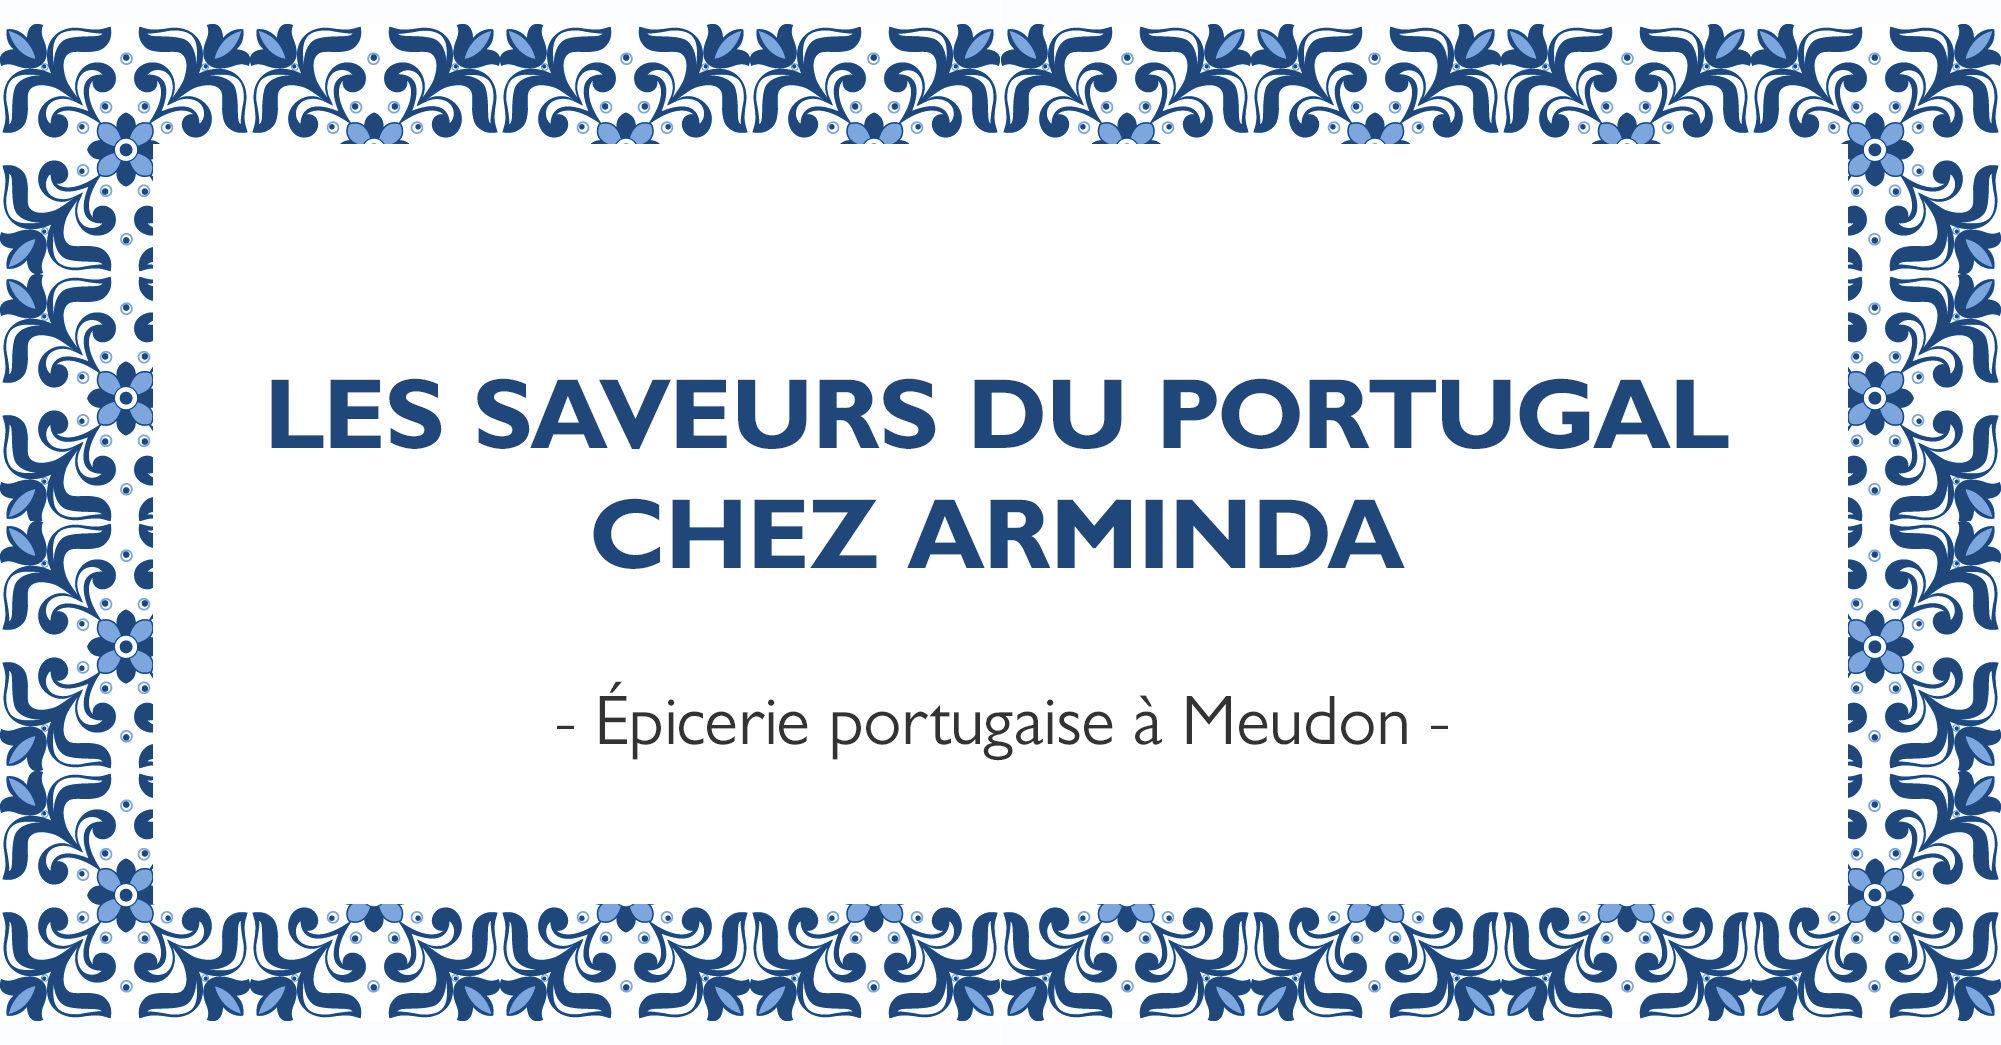 Les Saveurs du Portugal